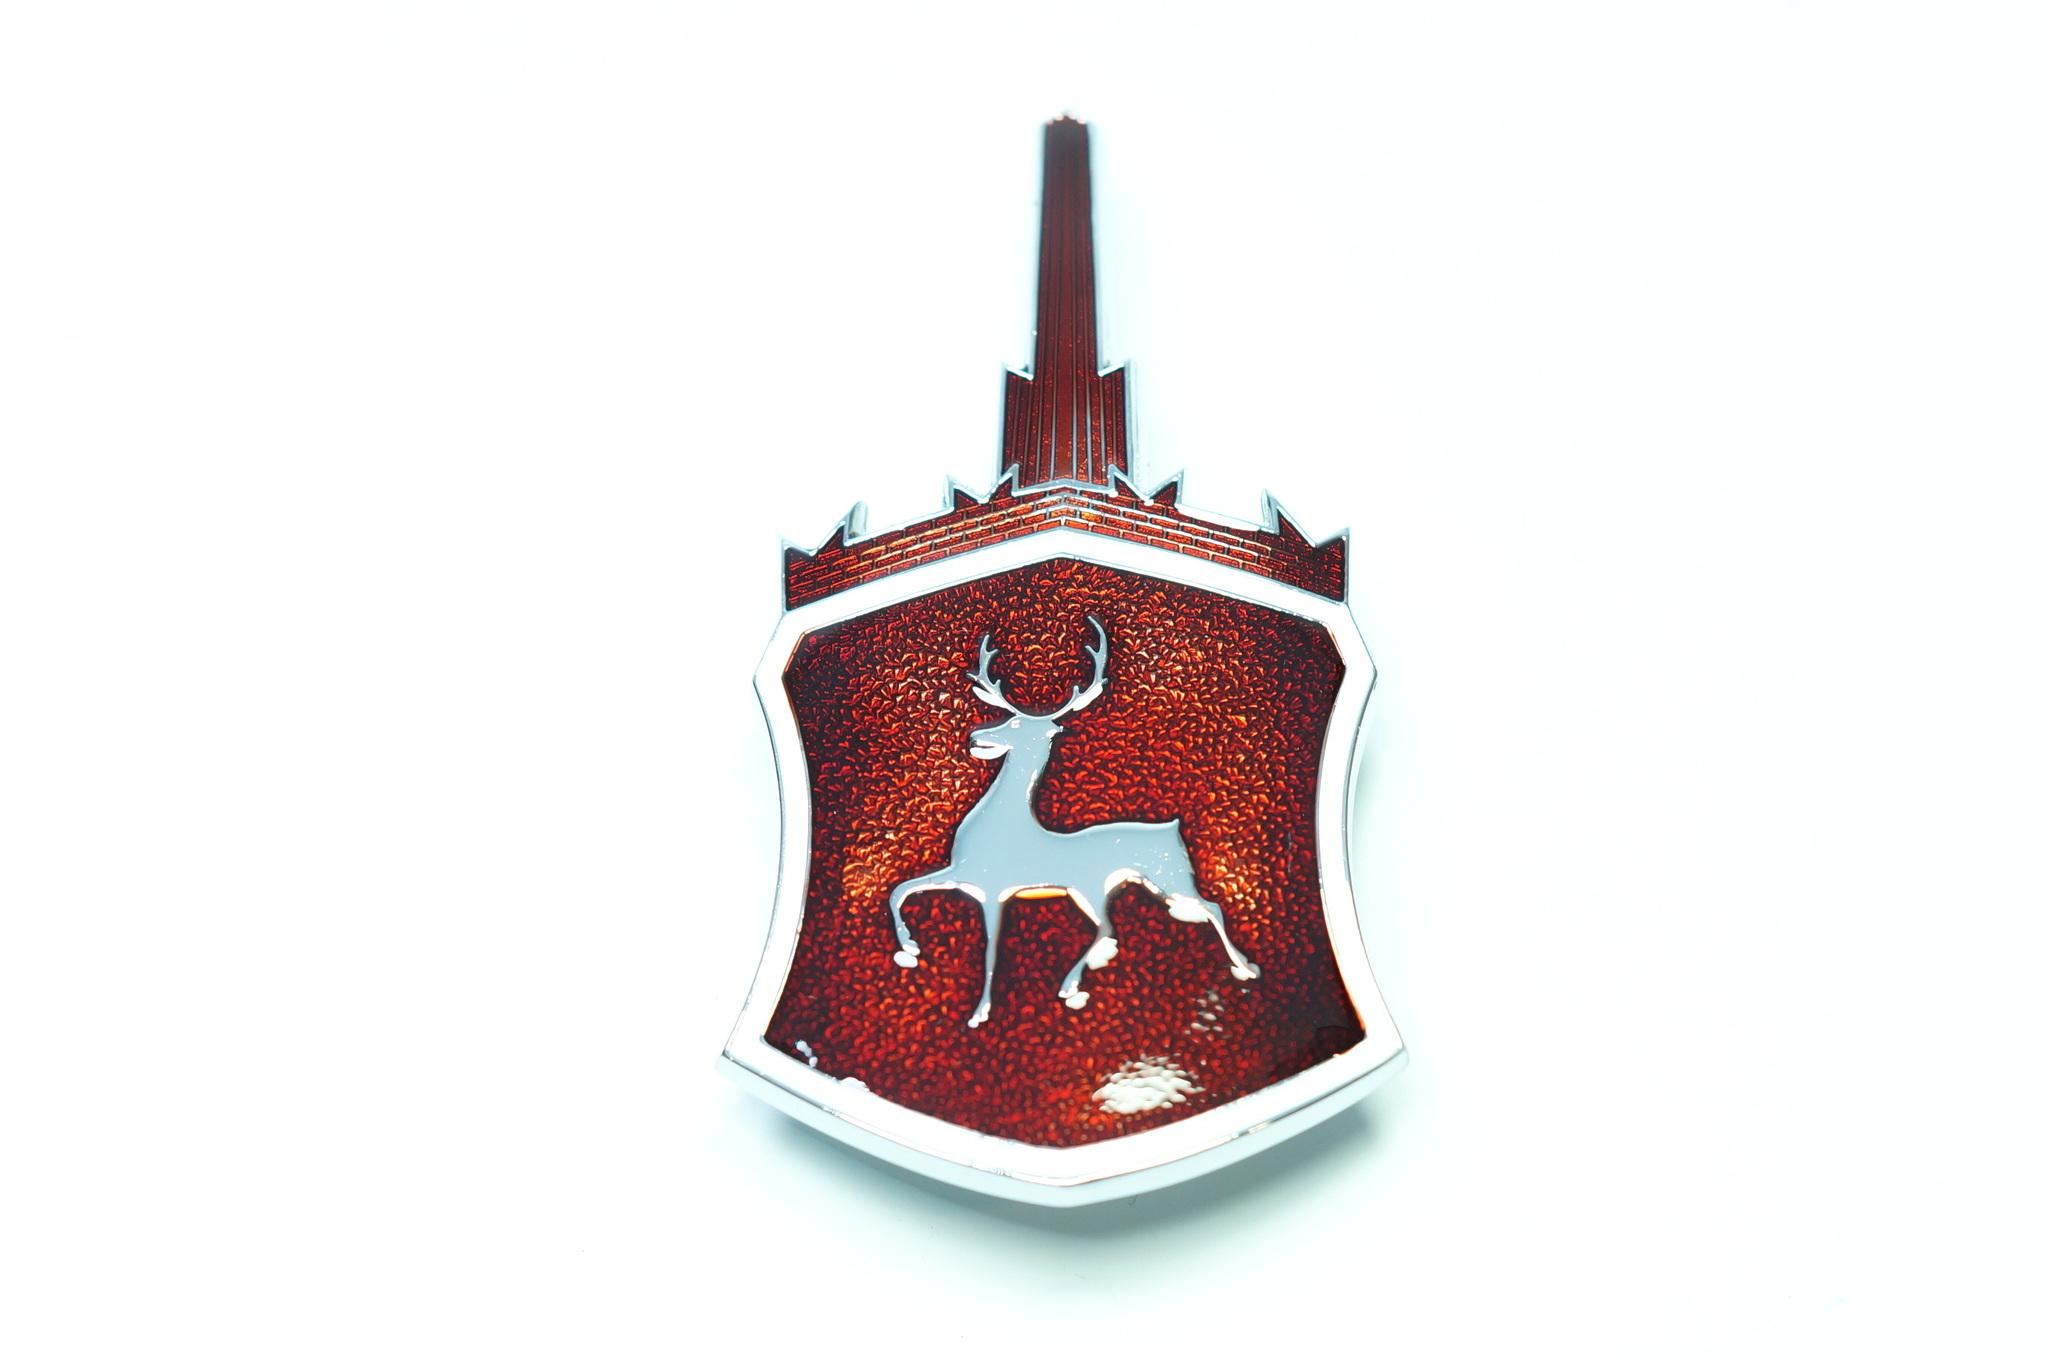 светлее креативные картинки логотипа газ волга всенародно любимая